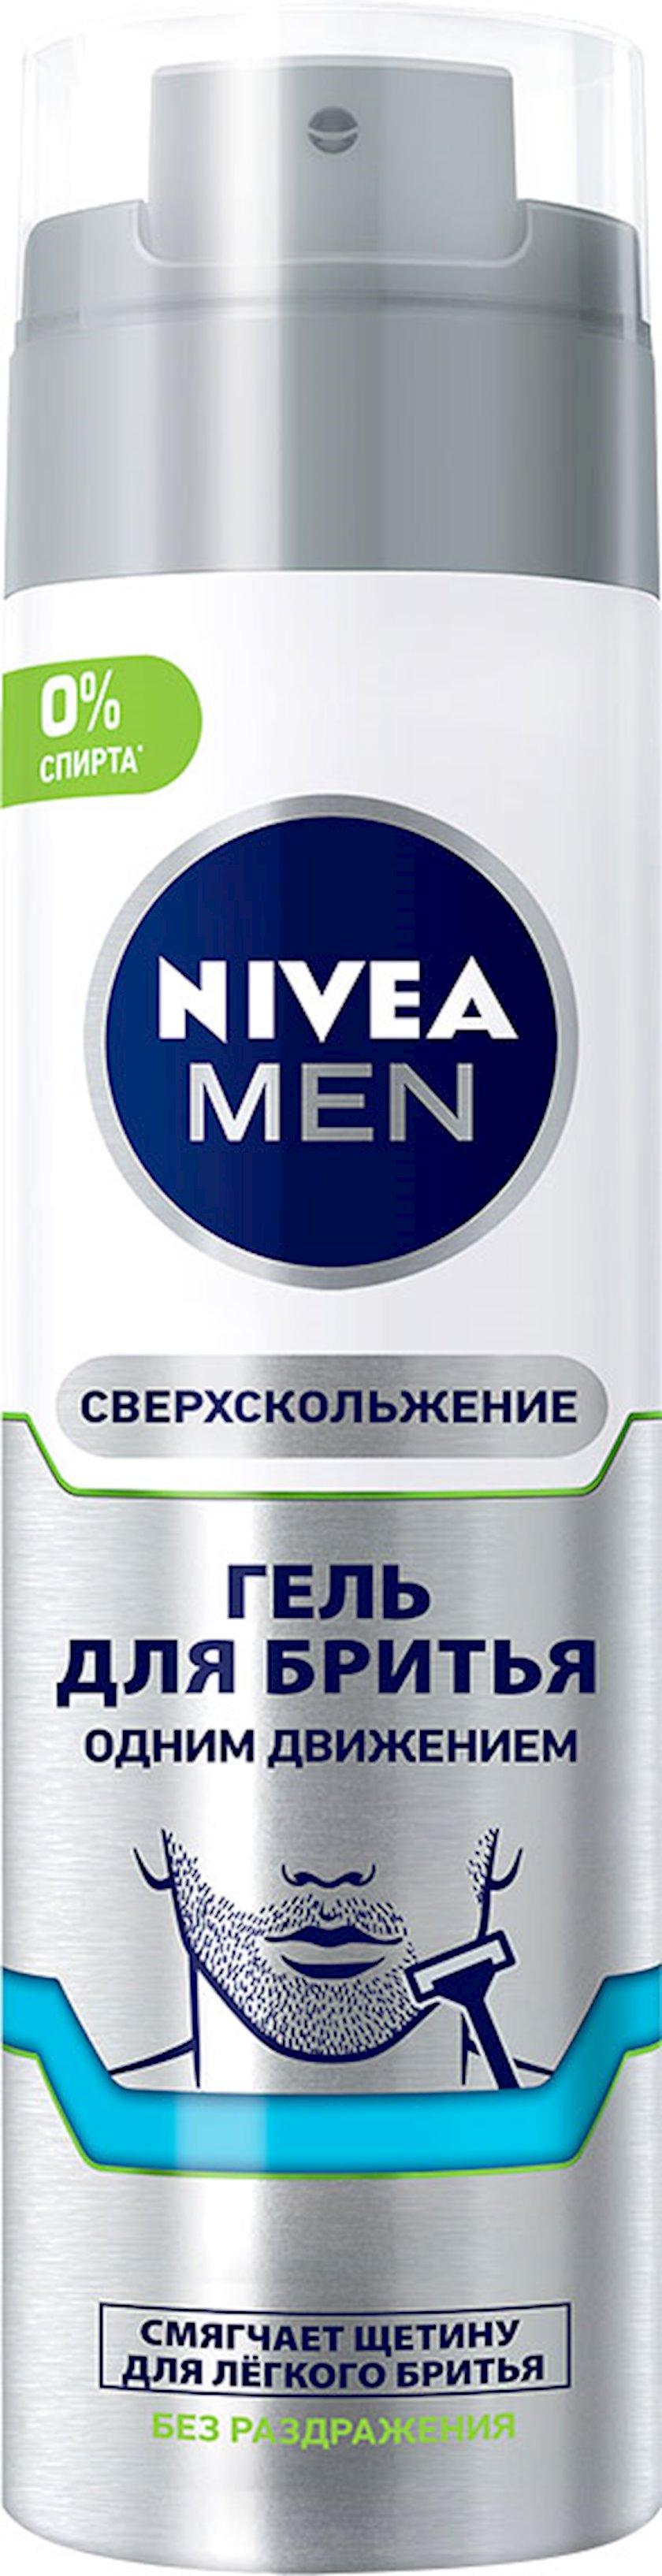 Təraş geli Nivea Men spirtsiz həssas dəri üçün 200 ml